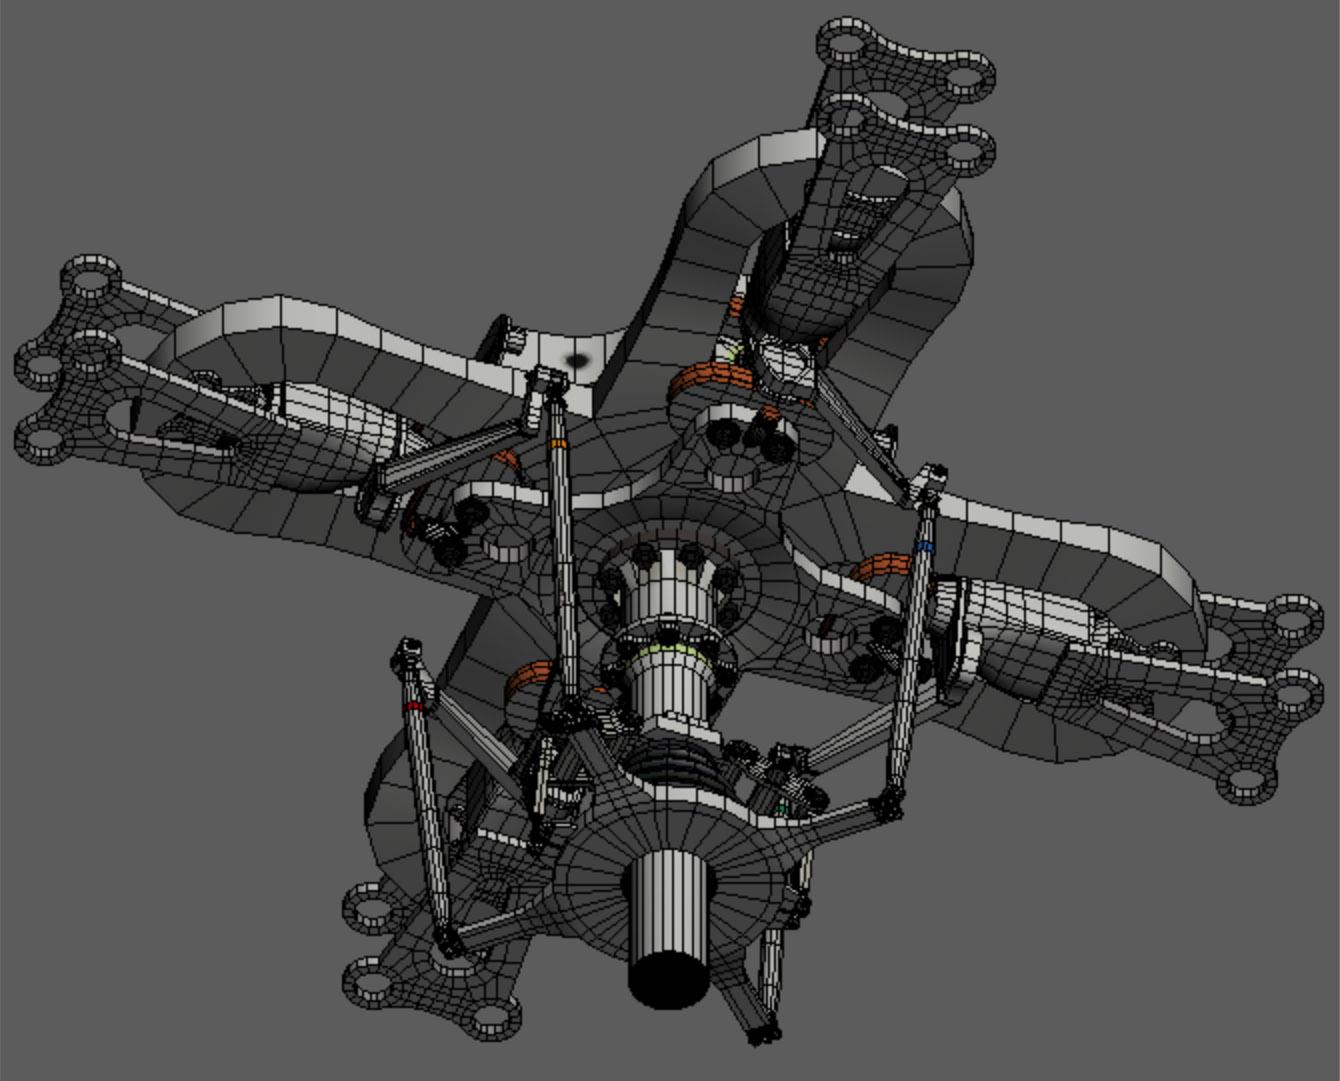 407_rotor_head_02.jpg